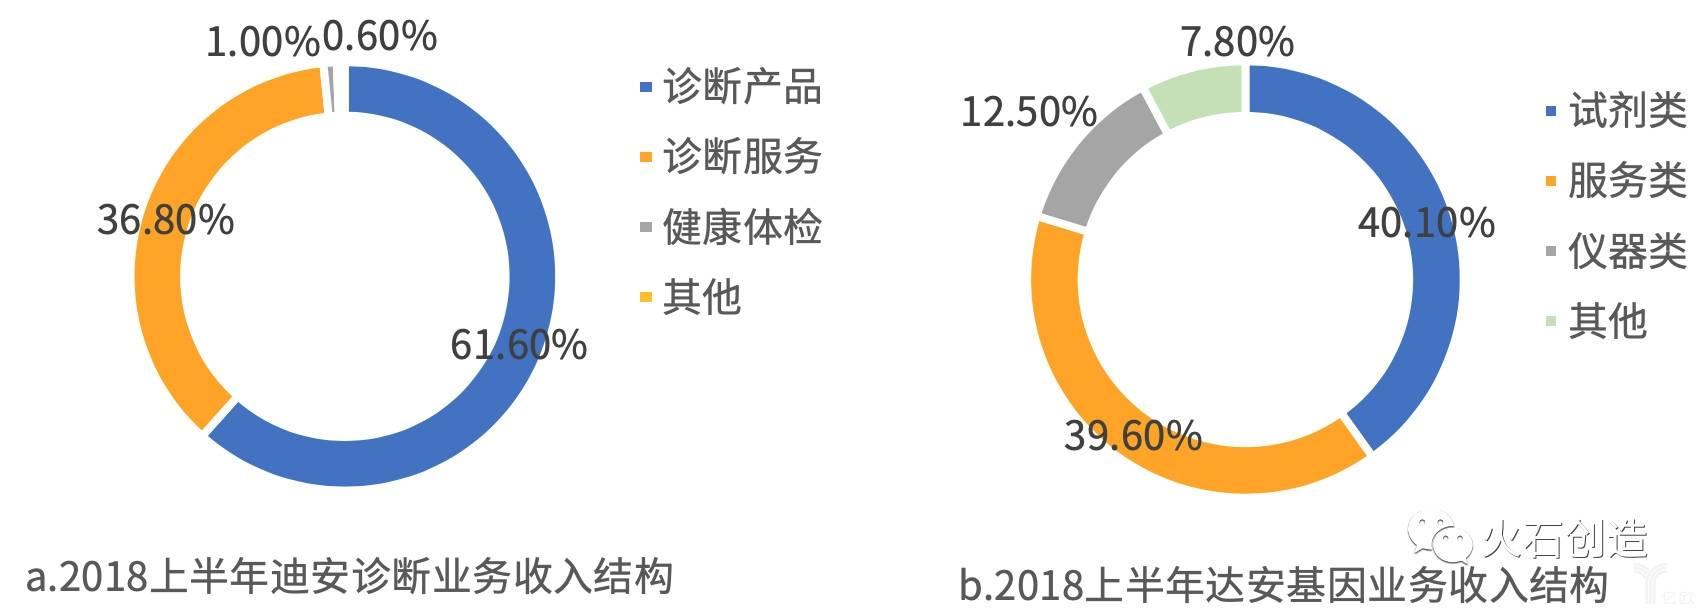 2018上半年两大检验龙头企业收入结构